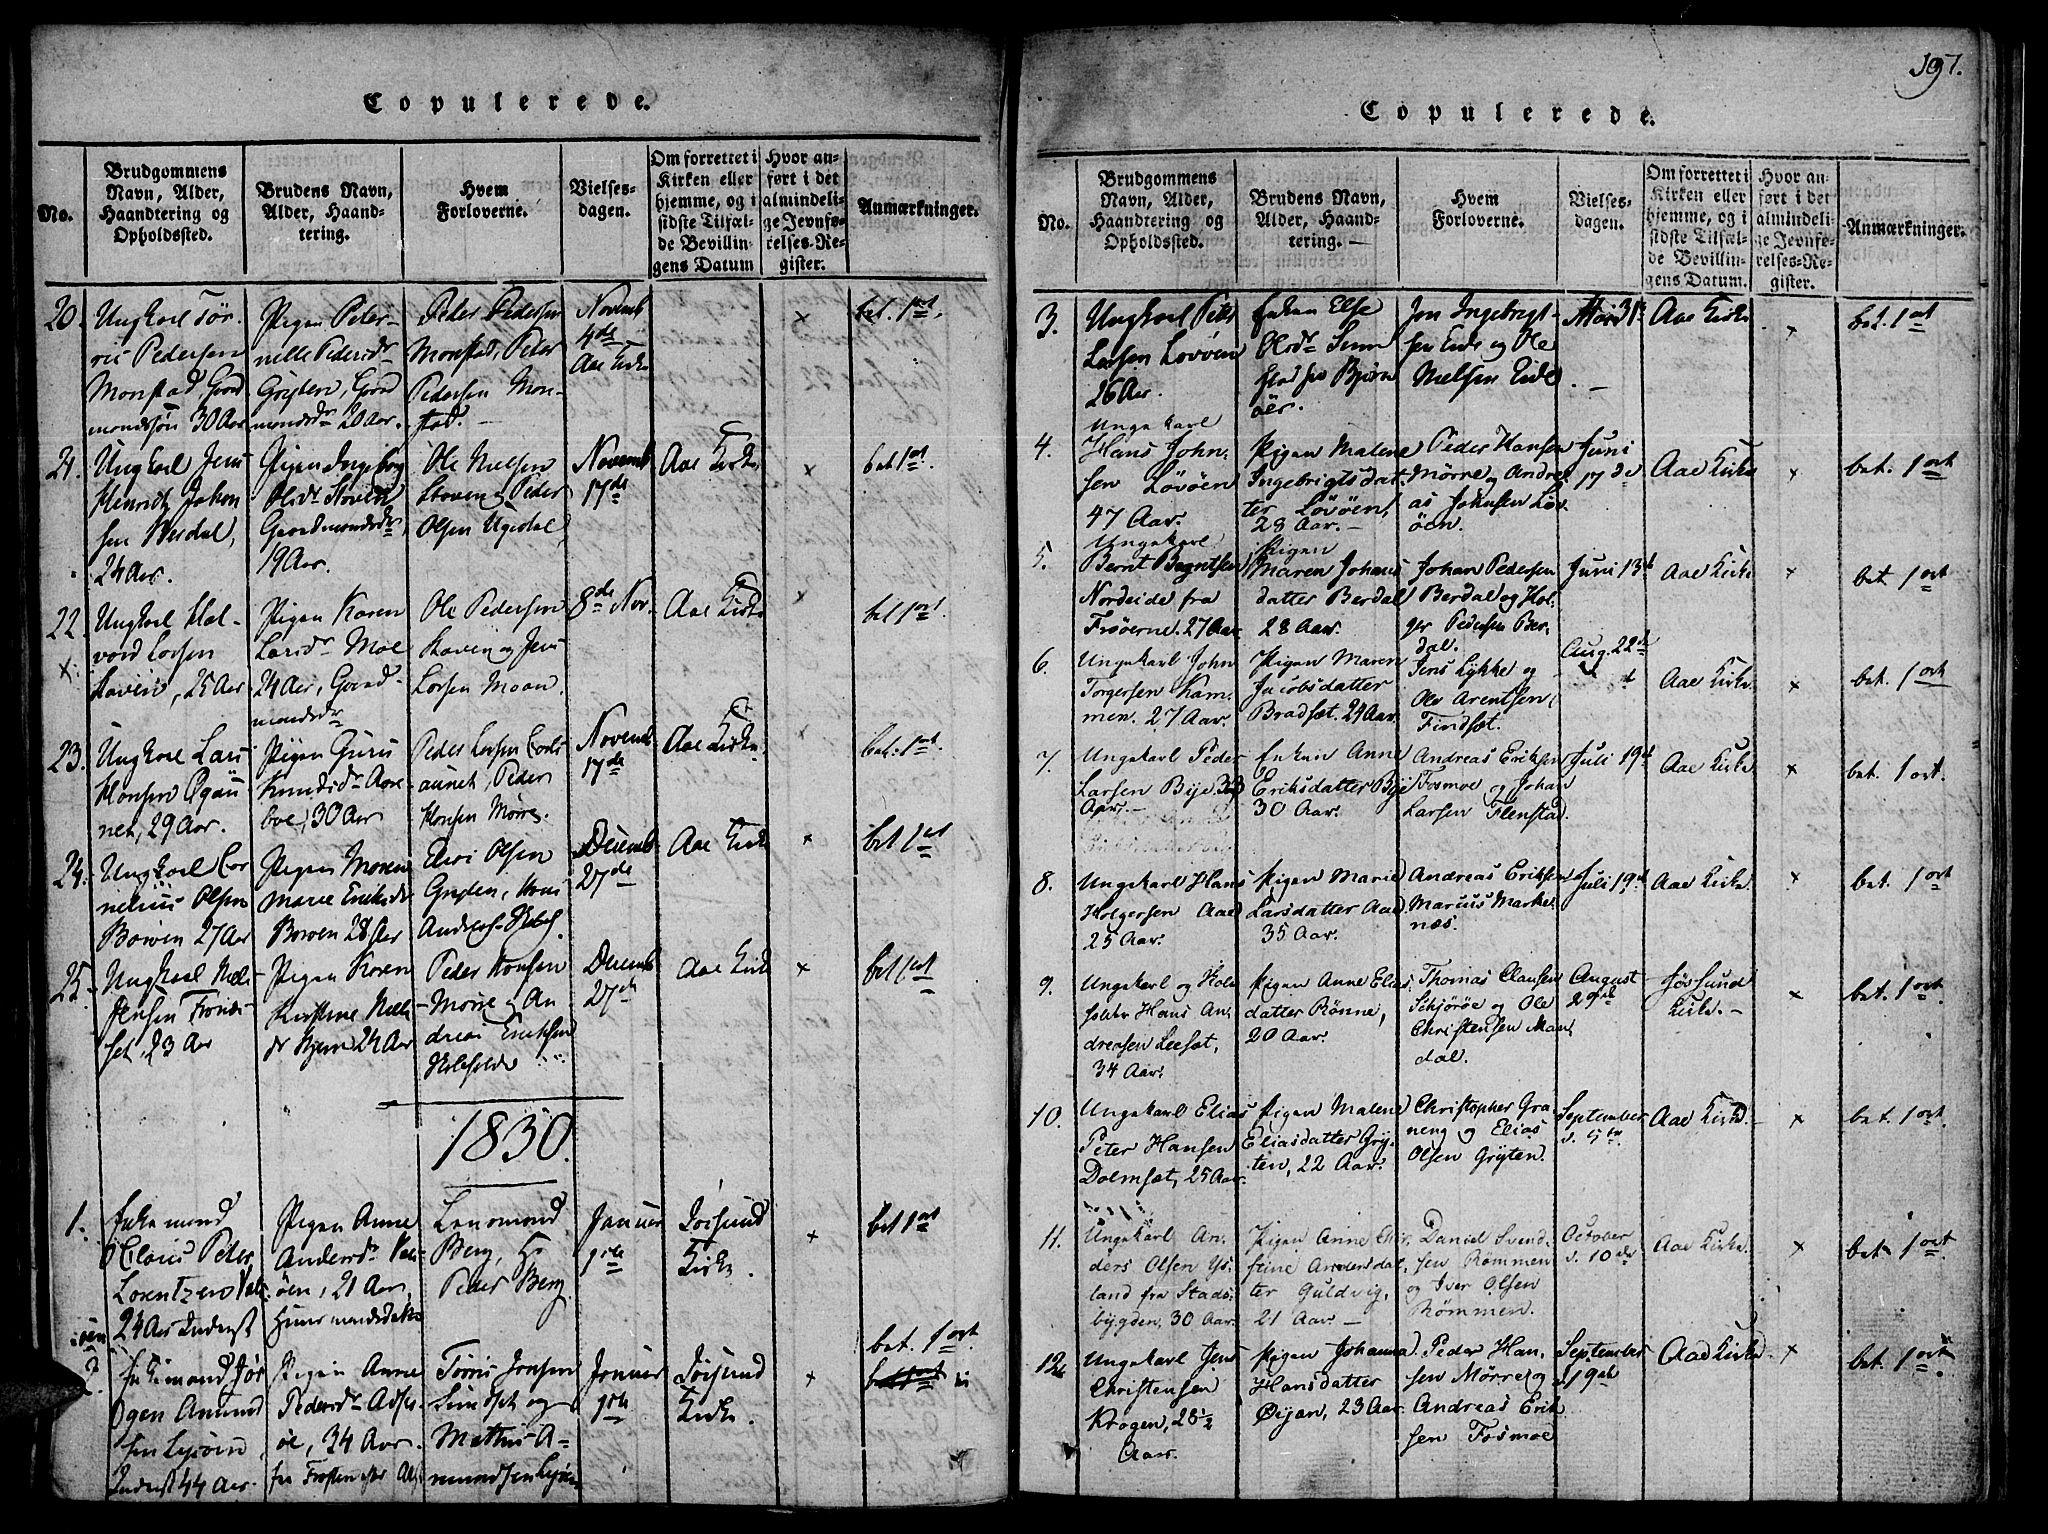 SAT, Ministerialprotokoller, klokkerbøker og fødselsregistre - Sør-Trøndelag, 655/L0675: Ministerialbok nr. 655A04, 1818-1830, s. 197